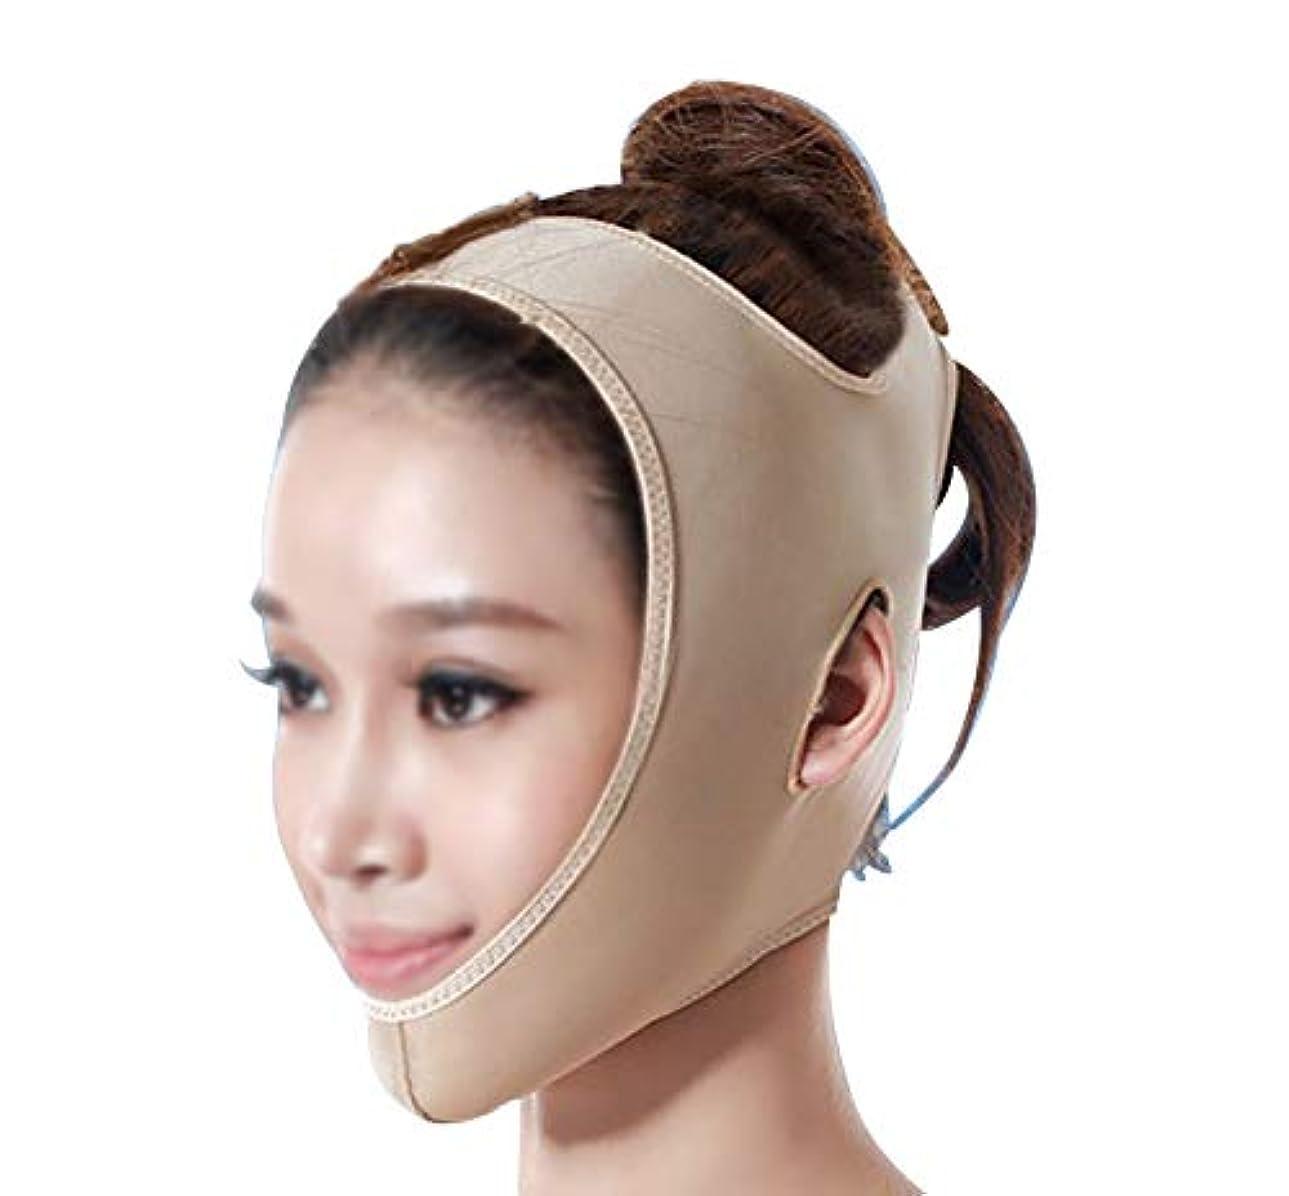 XHLMRMJ 引き締めフェイスマスク、フェイシャルマスク美容医学フェイスマスク美容vフェイス包帯ライン彫刻リフティング引き締めダブルチンマスク (Size : Xl)